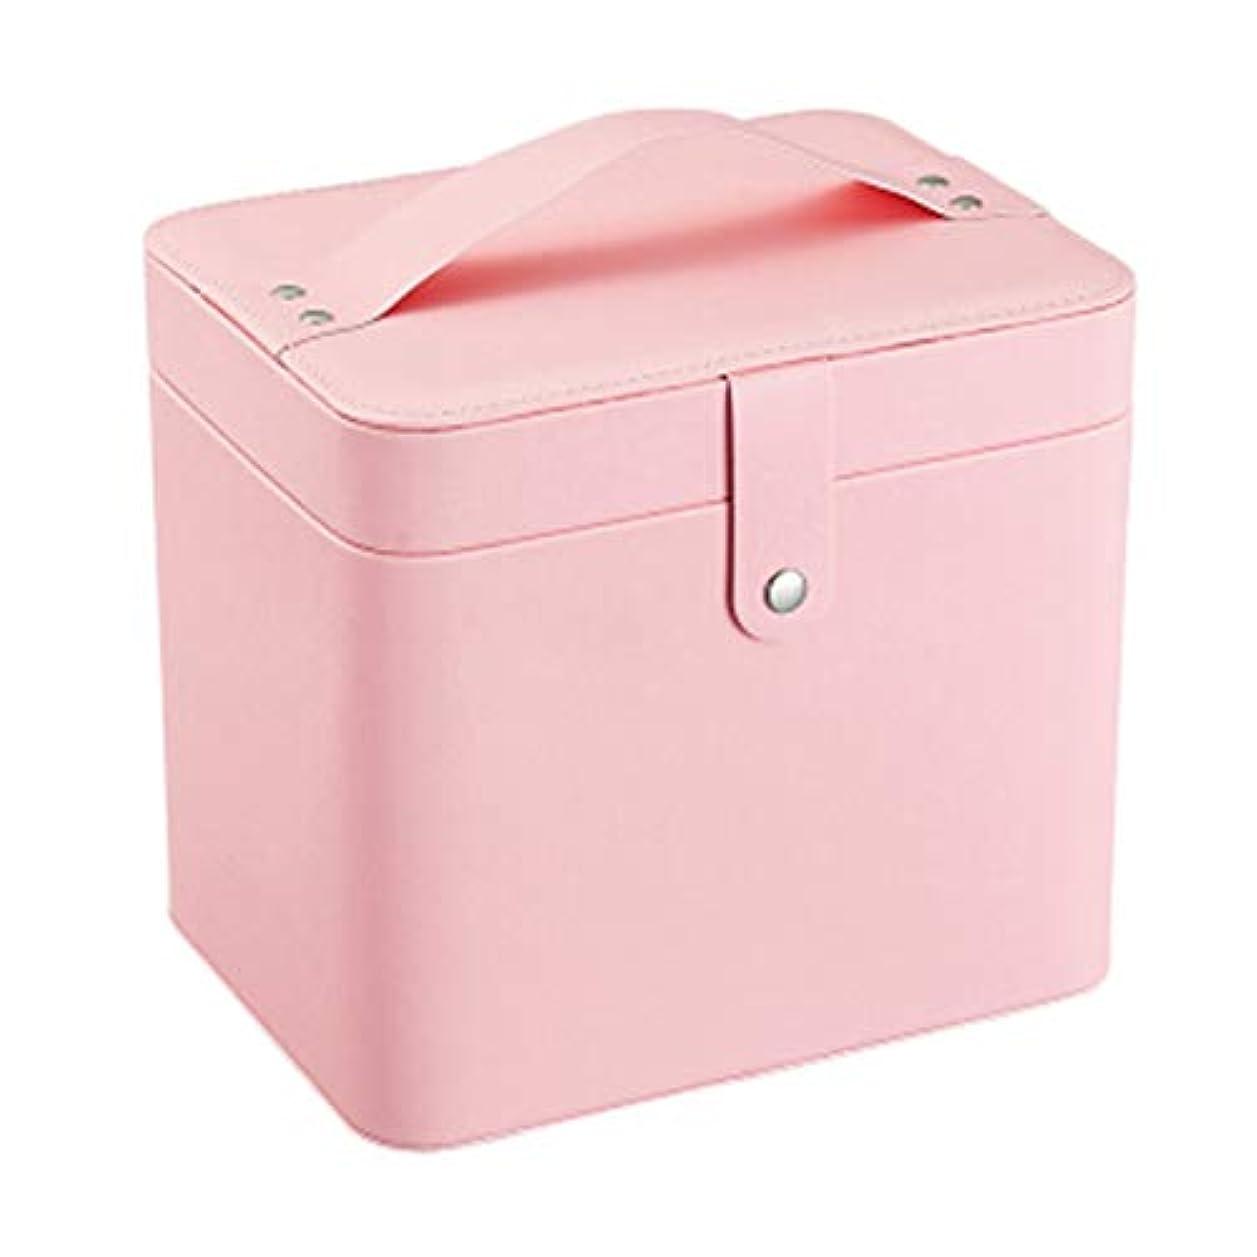 シンカン摘む暗唱する化粧オーガナイザーバッグ 化粧鏡で小さなものの種類の旅行のための美容メイクアップのためのピンクのポータブル化粧品バッグ 化粧品ケース